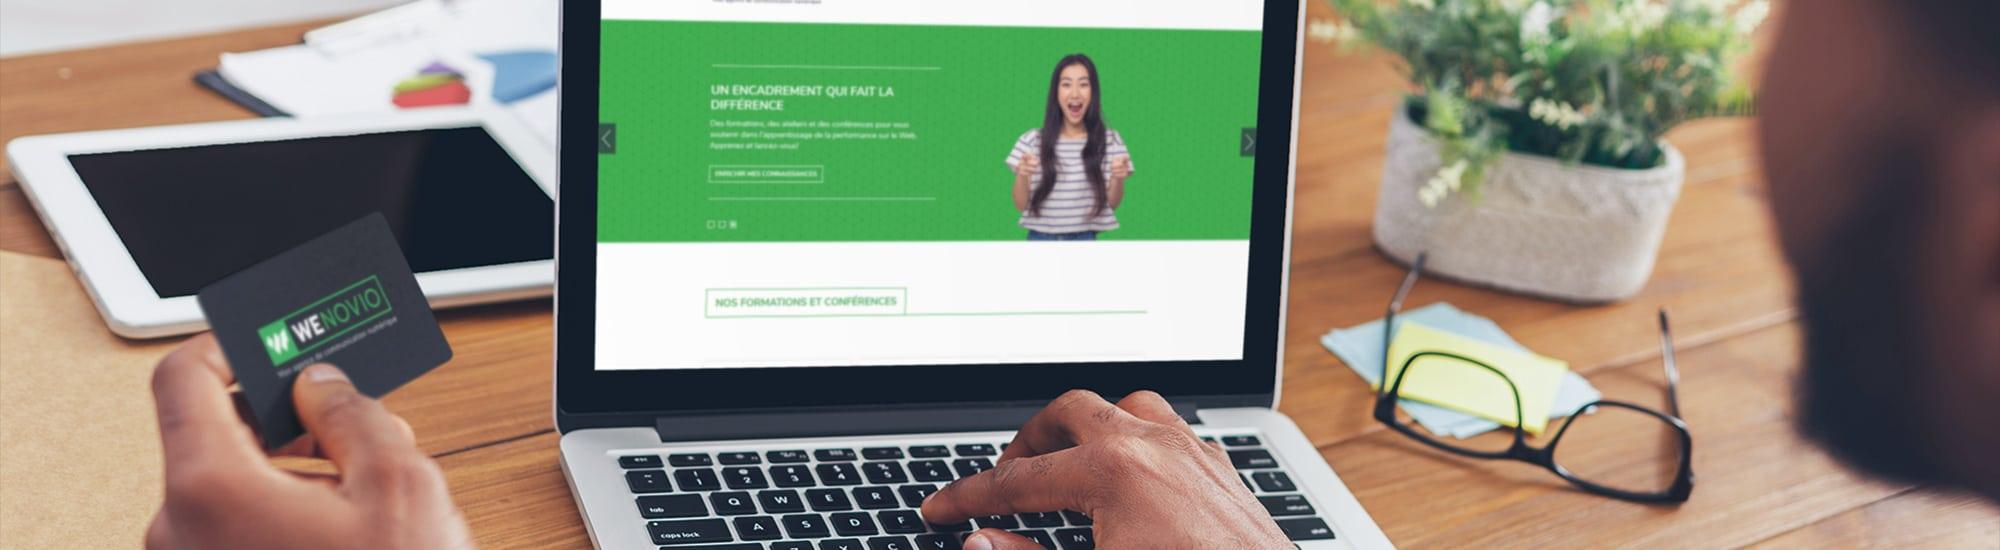 Créer un nouveau site Web pour Wenovio